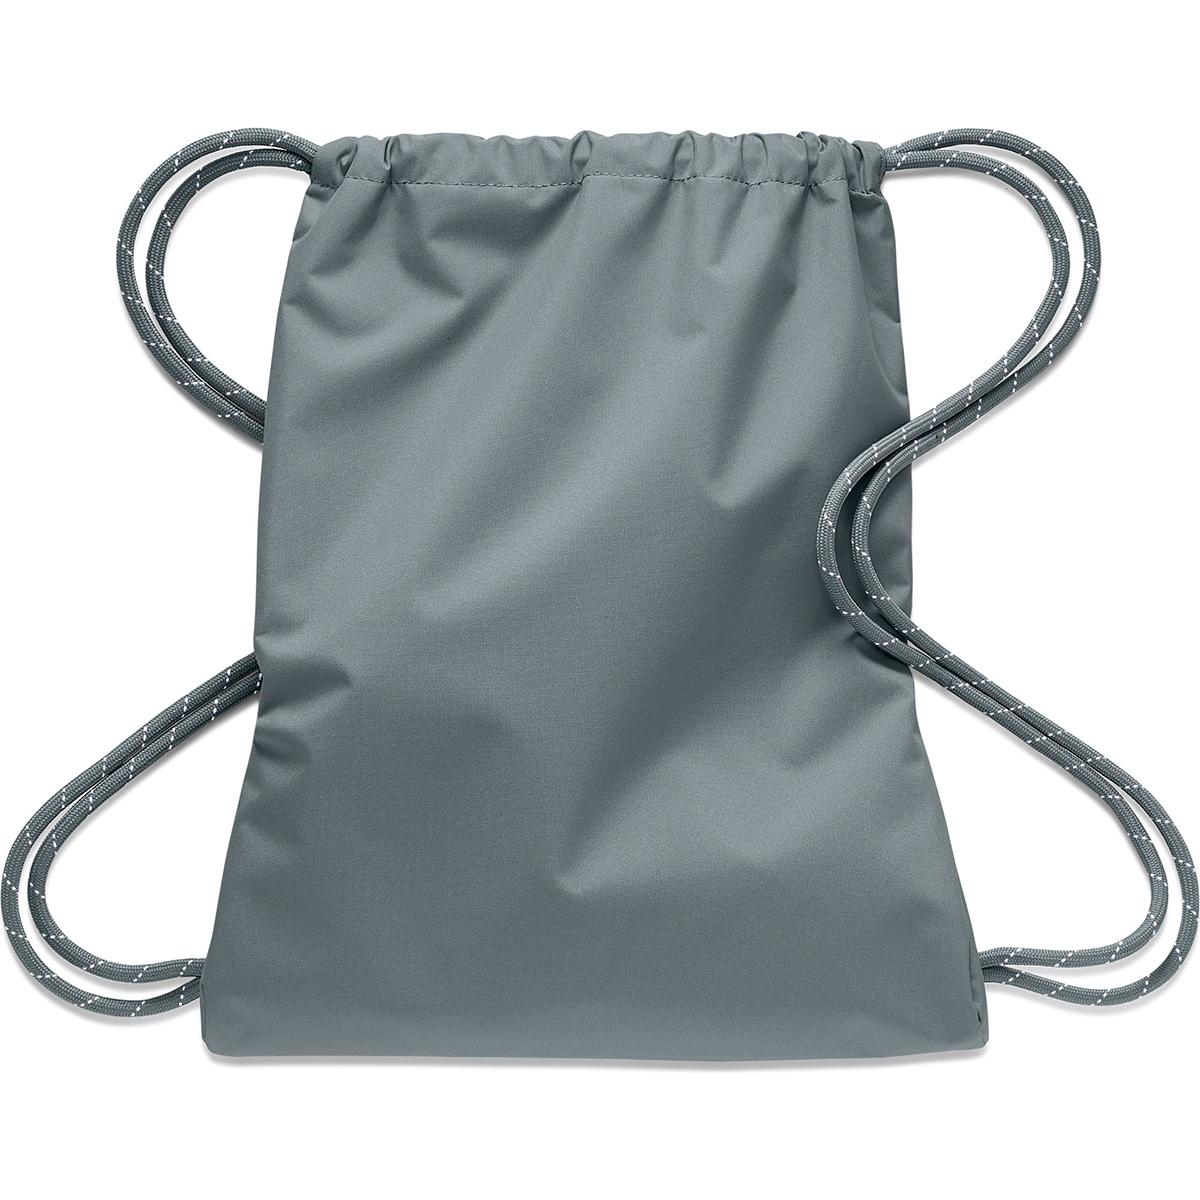 Nike Heritage Gym Sack - 2.0 - Color: Smoke Grey/Iridescent, Smoke Grey/Iridescent, large, image 2